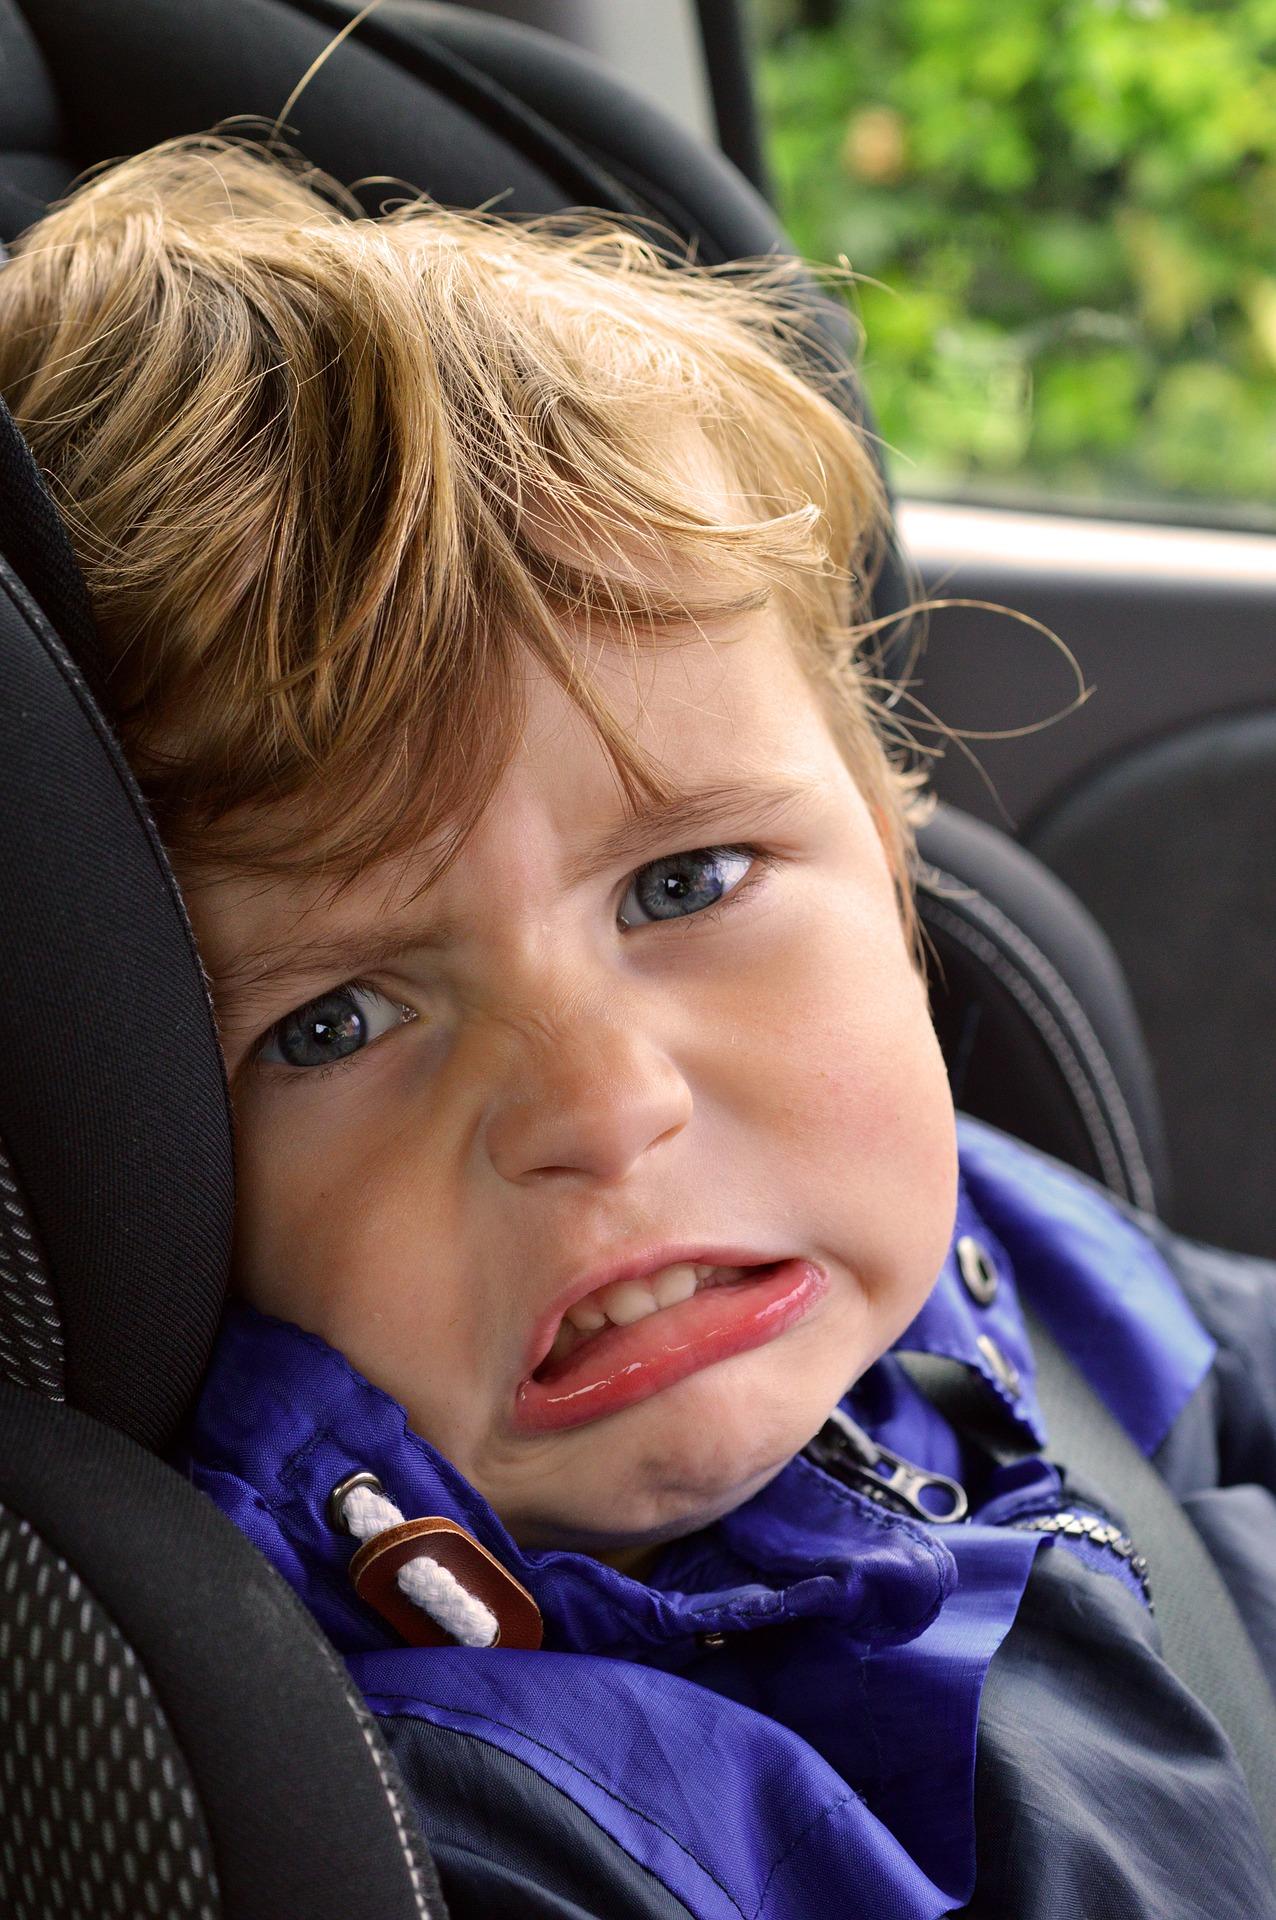 Alergia alimentaria en bebés: síntomas y tratamiento.